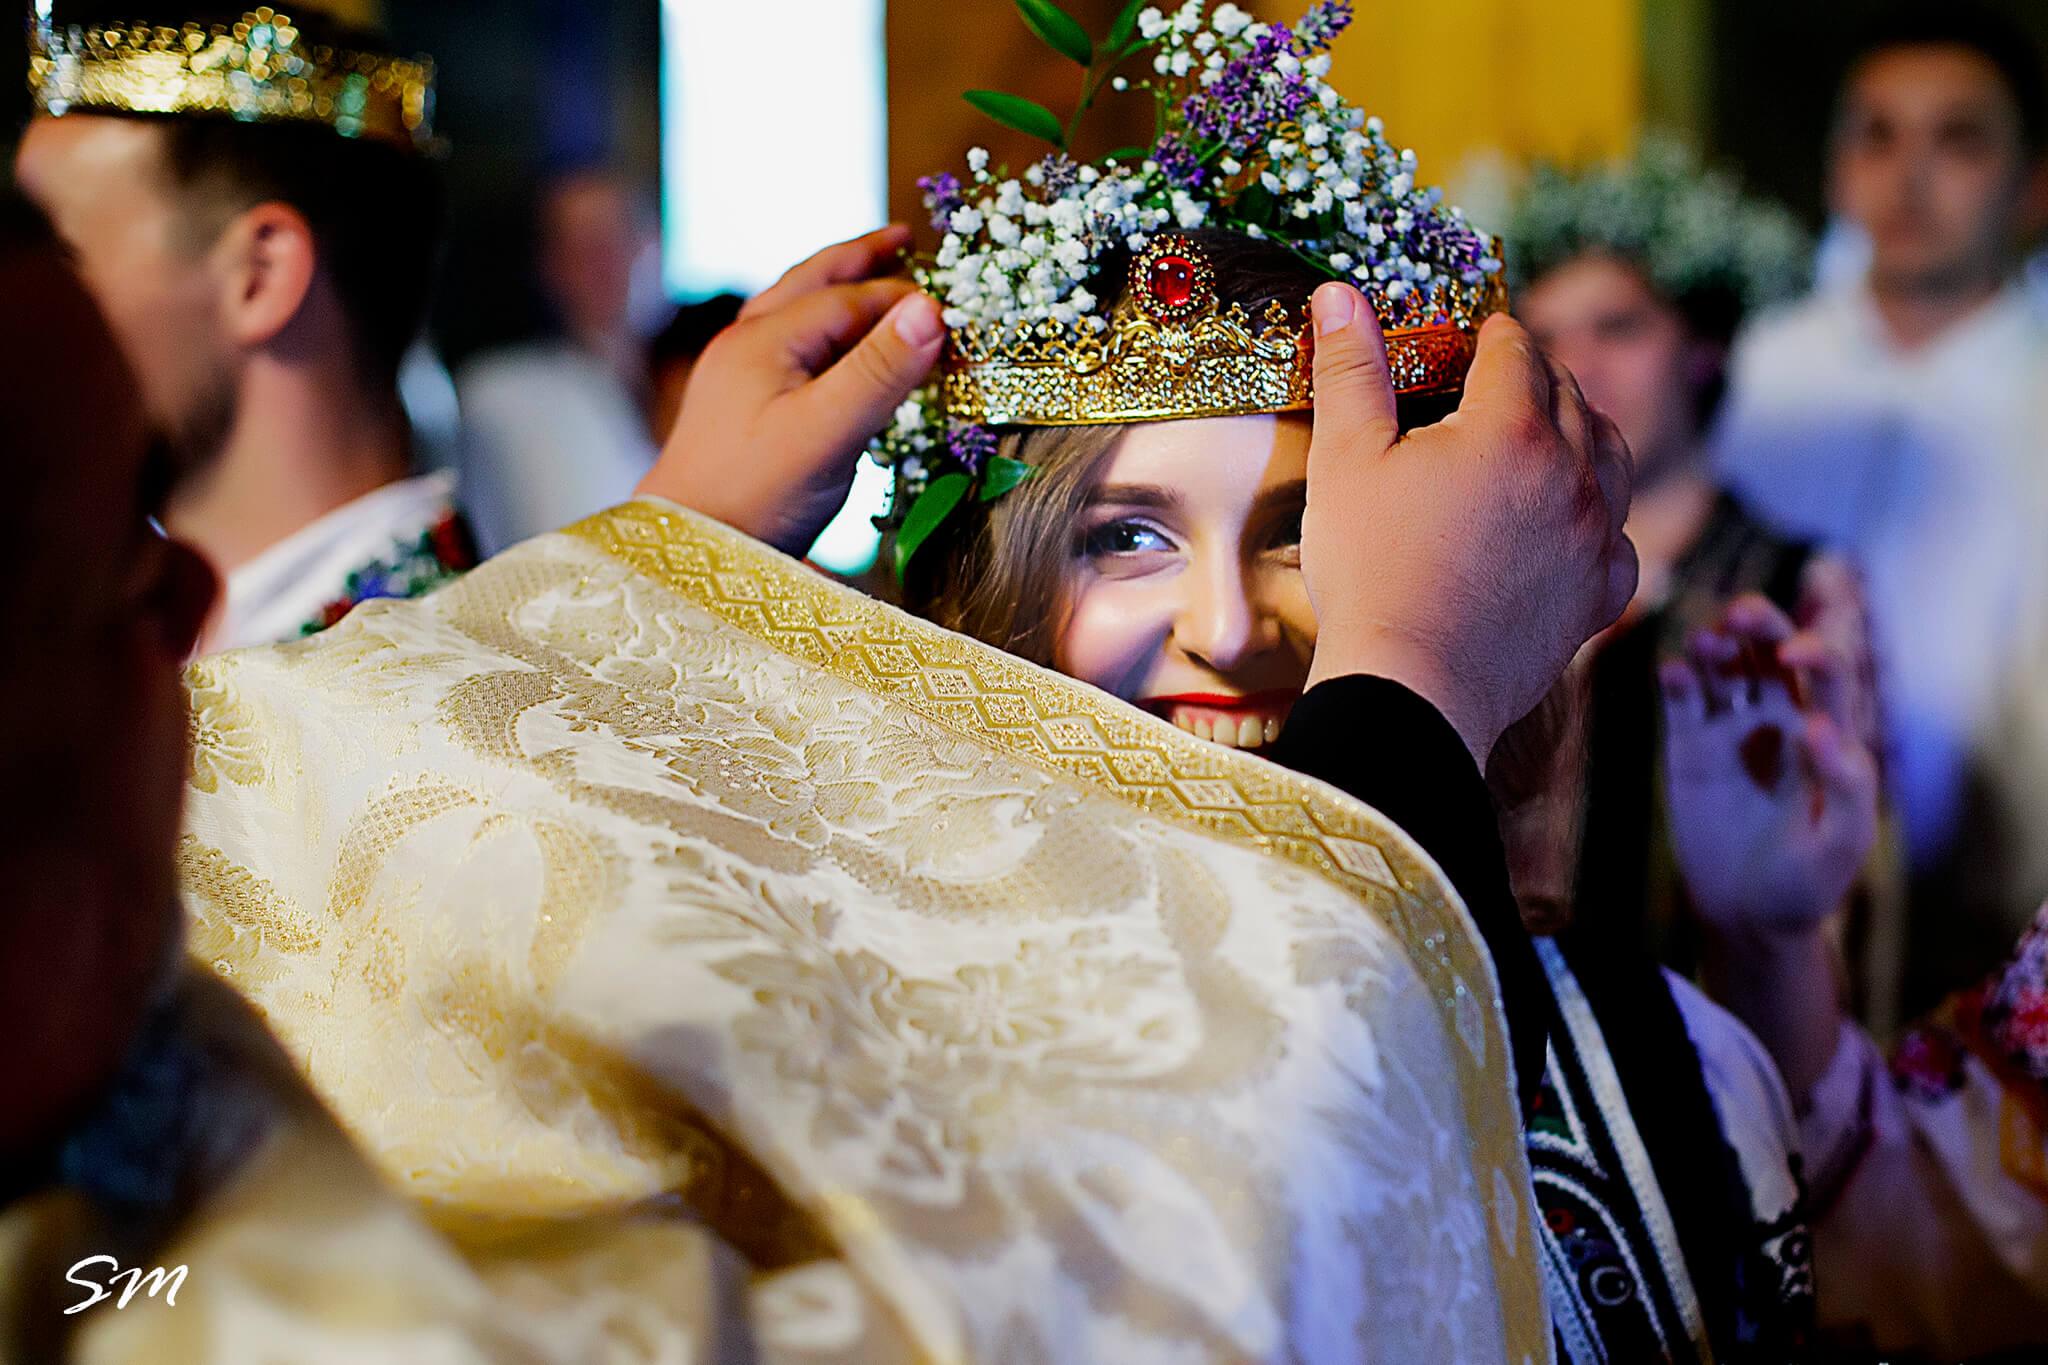 fotografii_nunta_suceava_muzeul_satului (9)